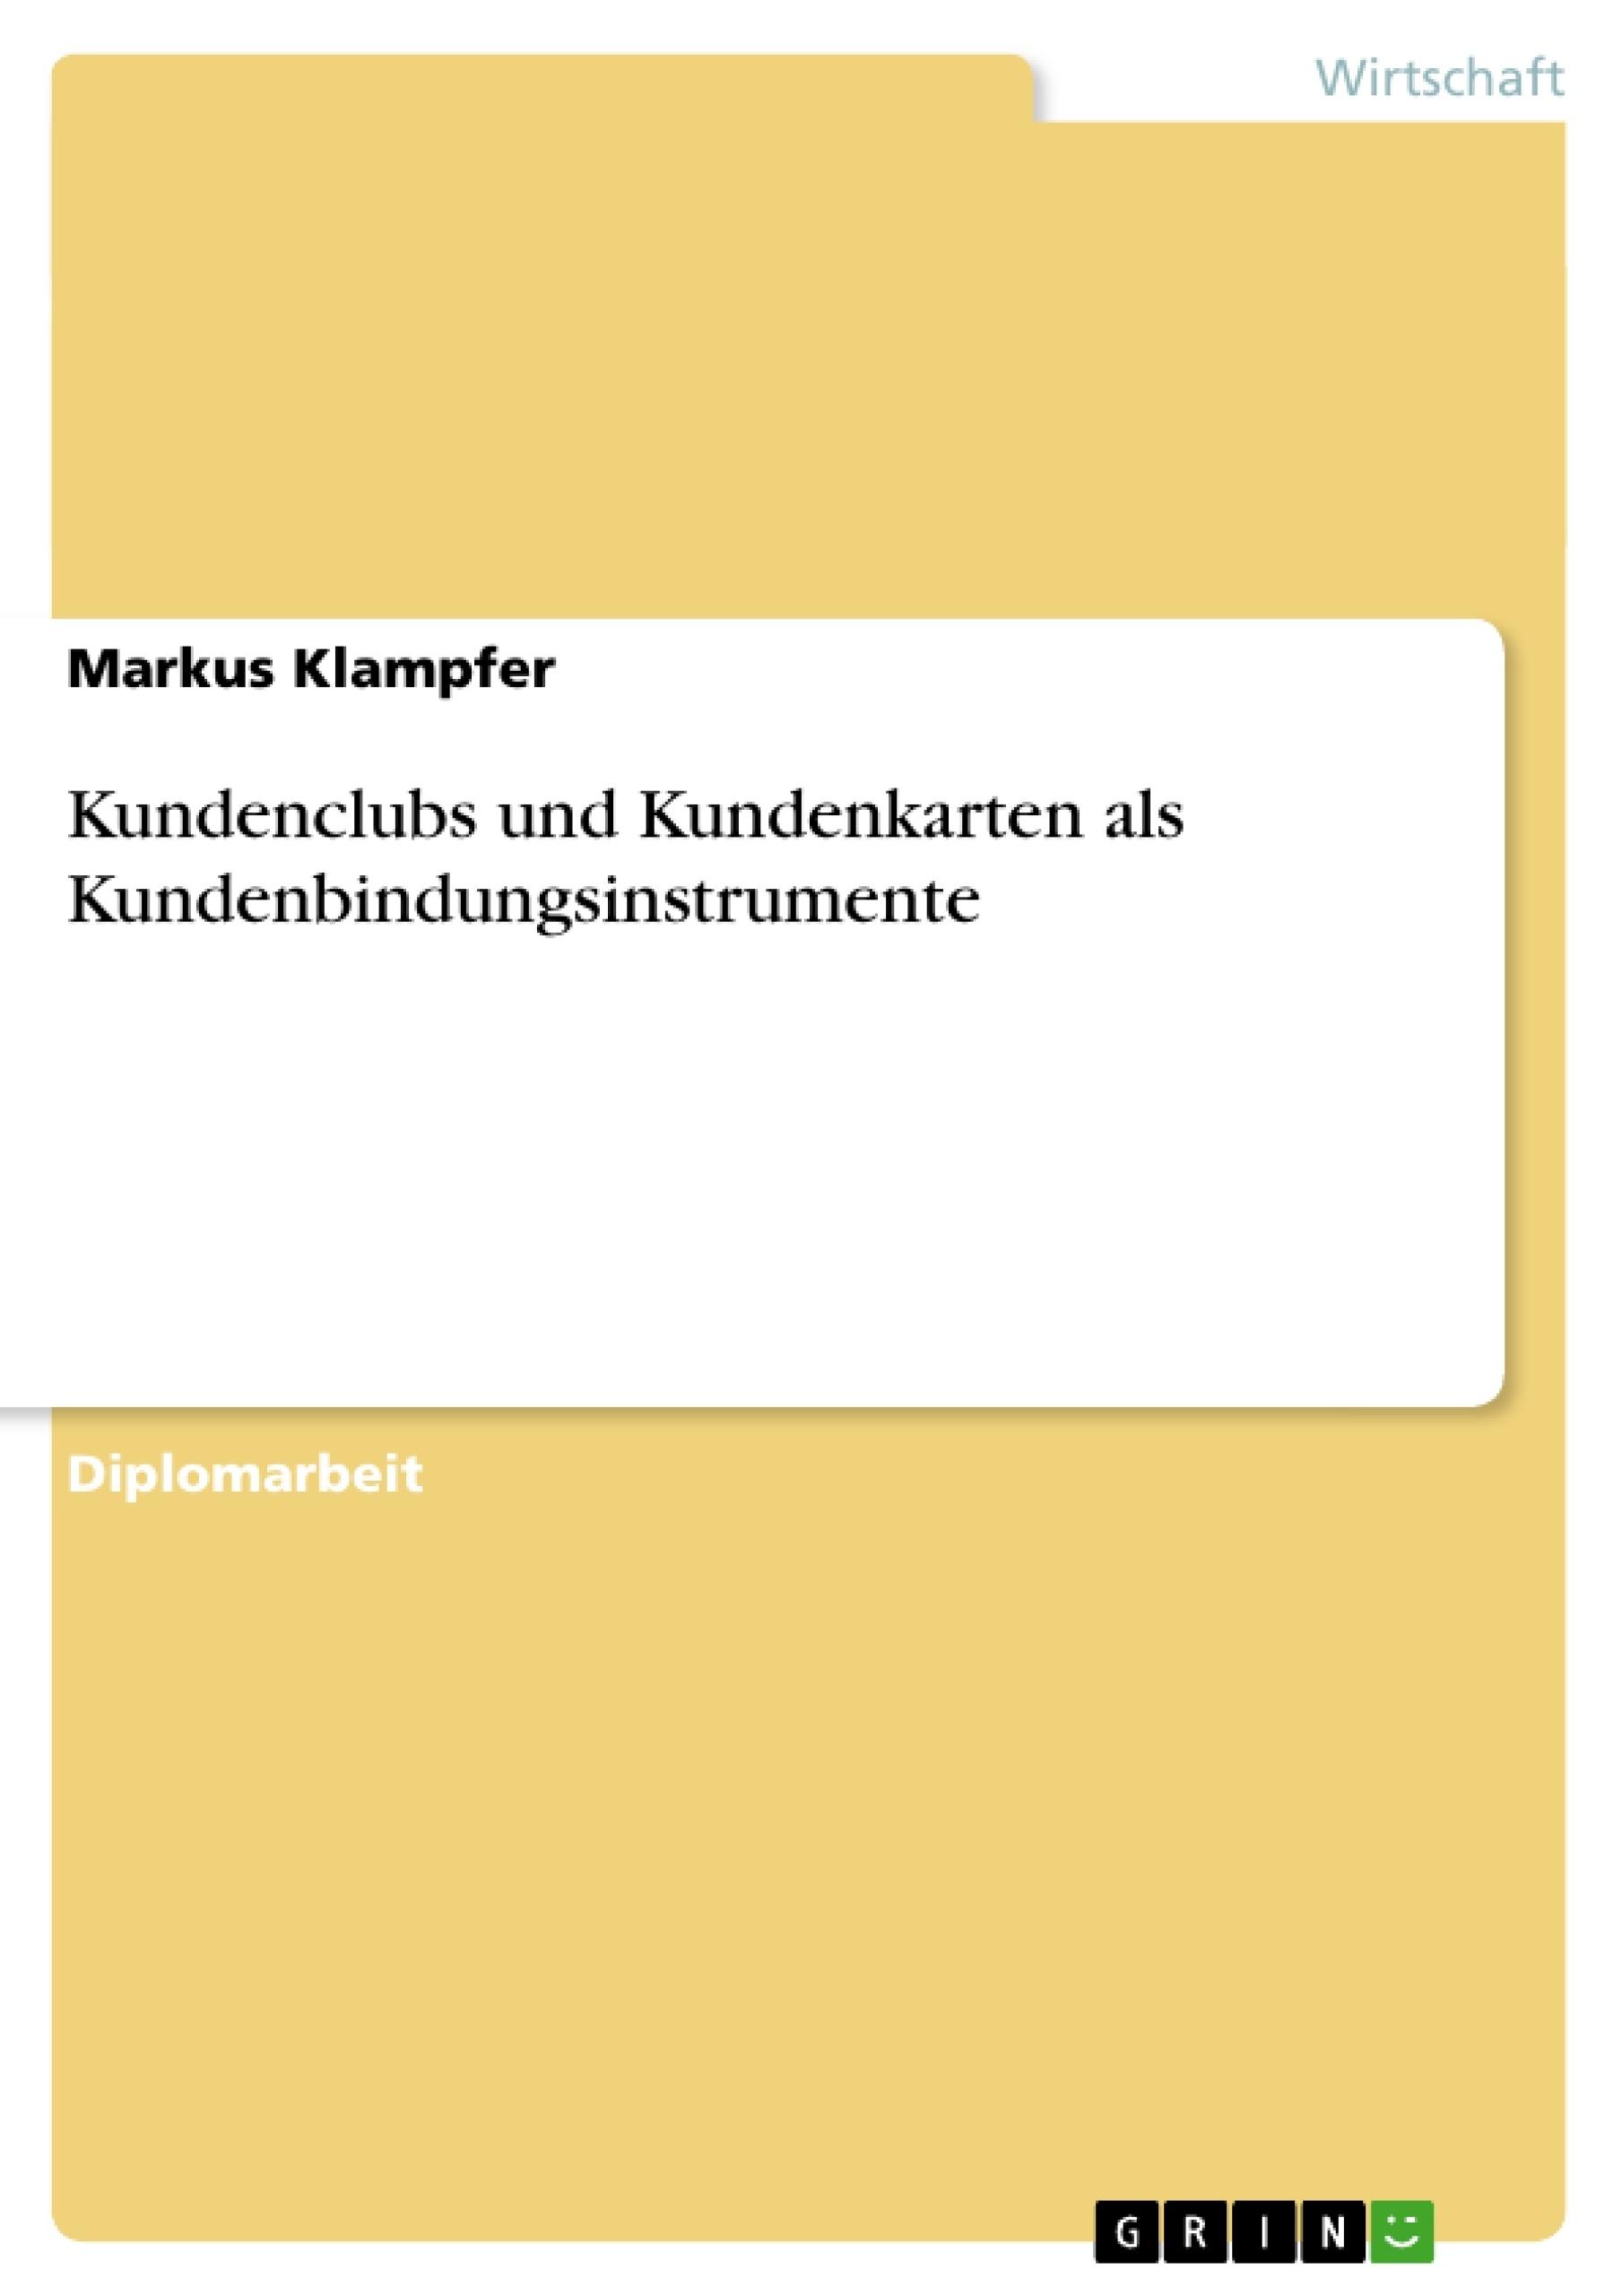 Titel: Kundenclubs und Kundenkarten als Kundenbindungsinstrumente